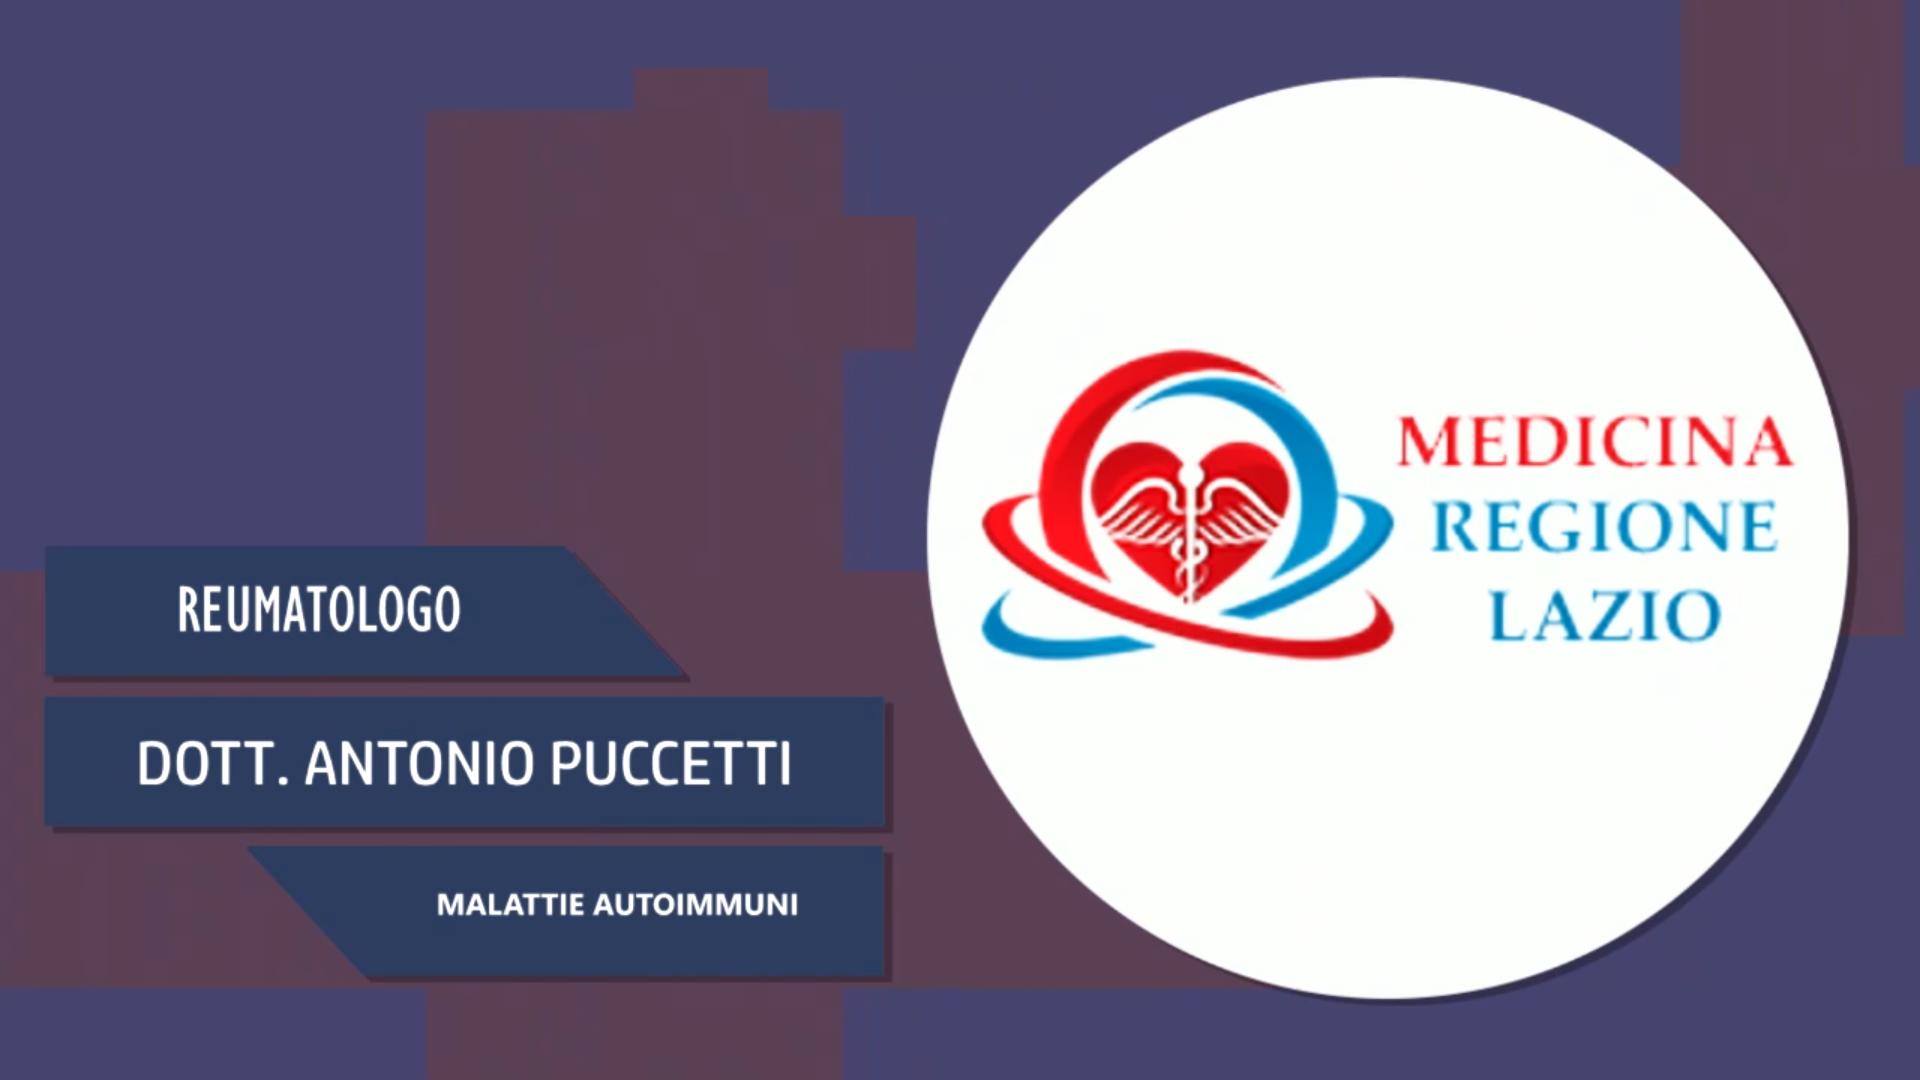 Intervista al Dott. Antonio Puccetti – Malattie autoimmuni